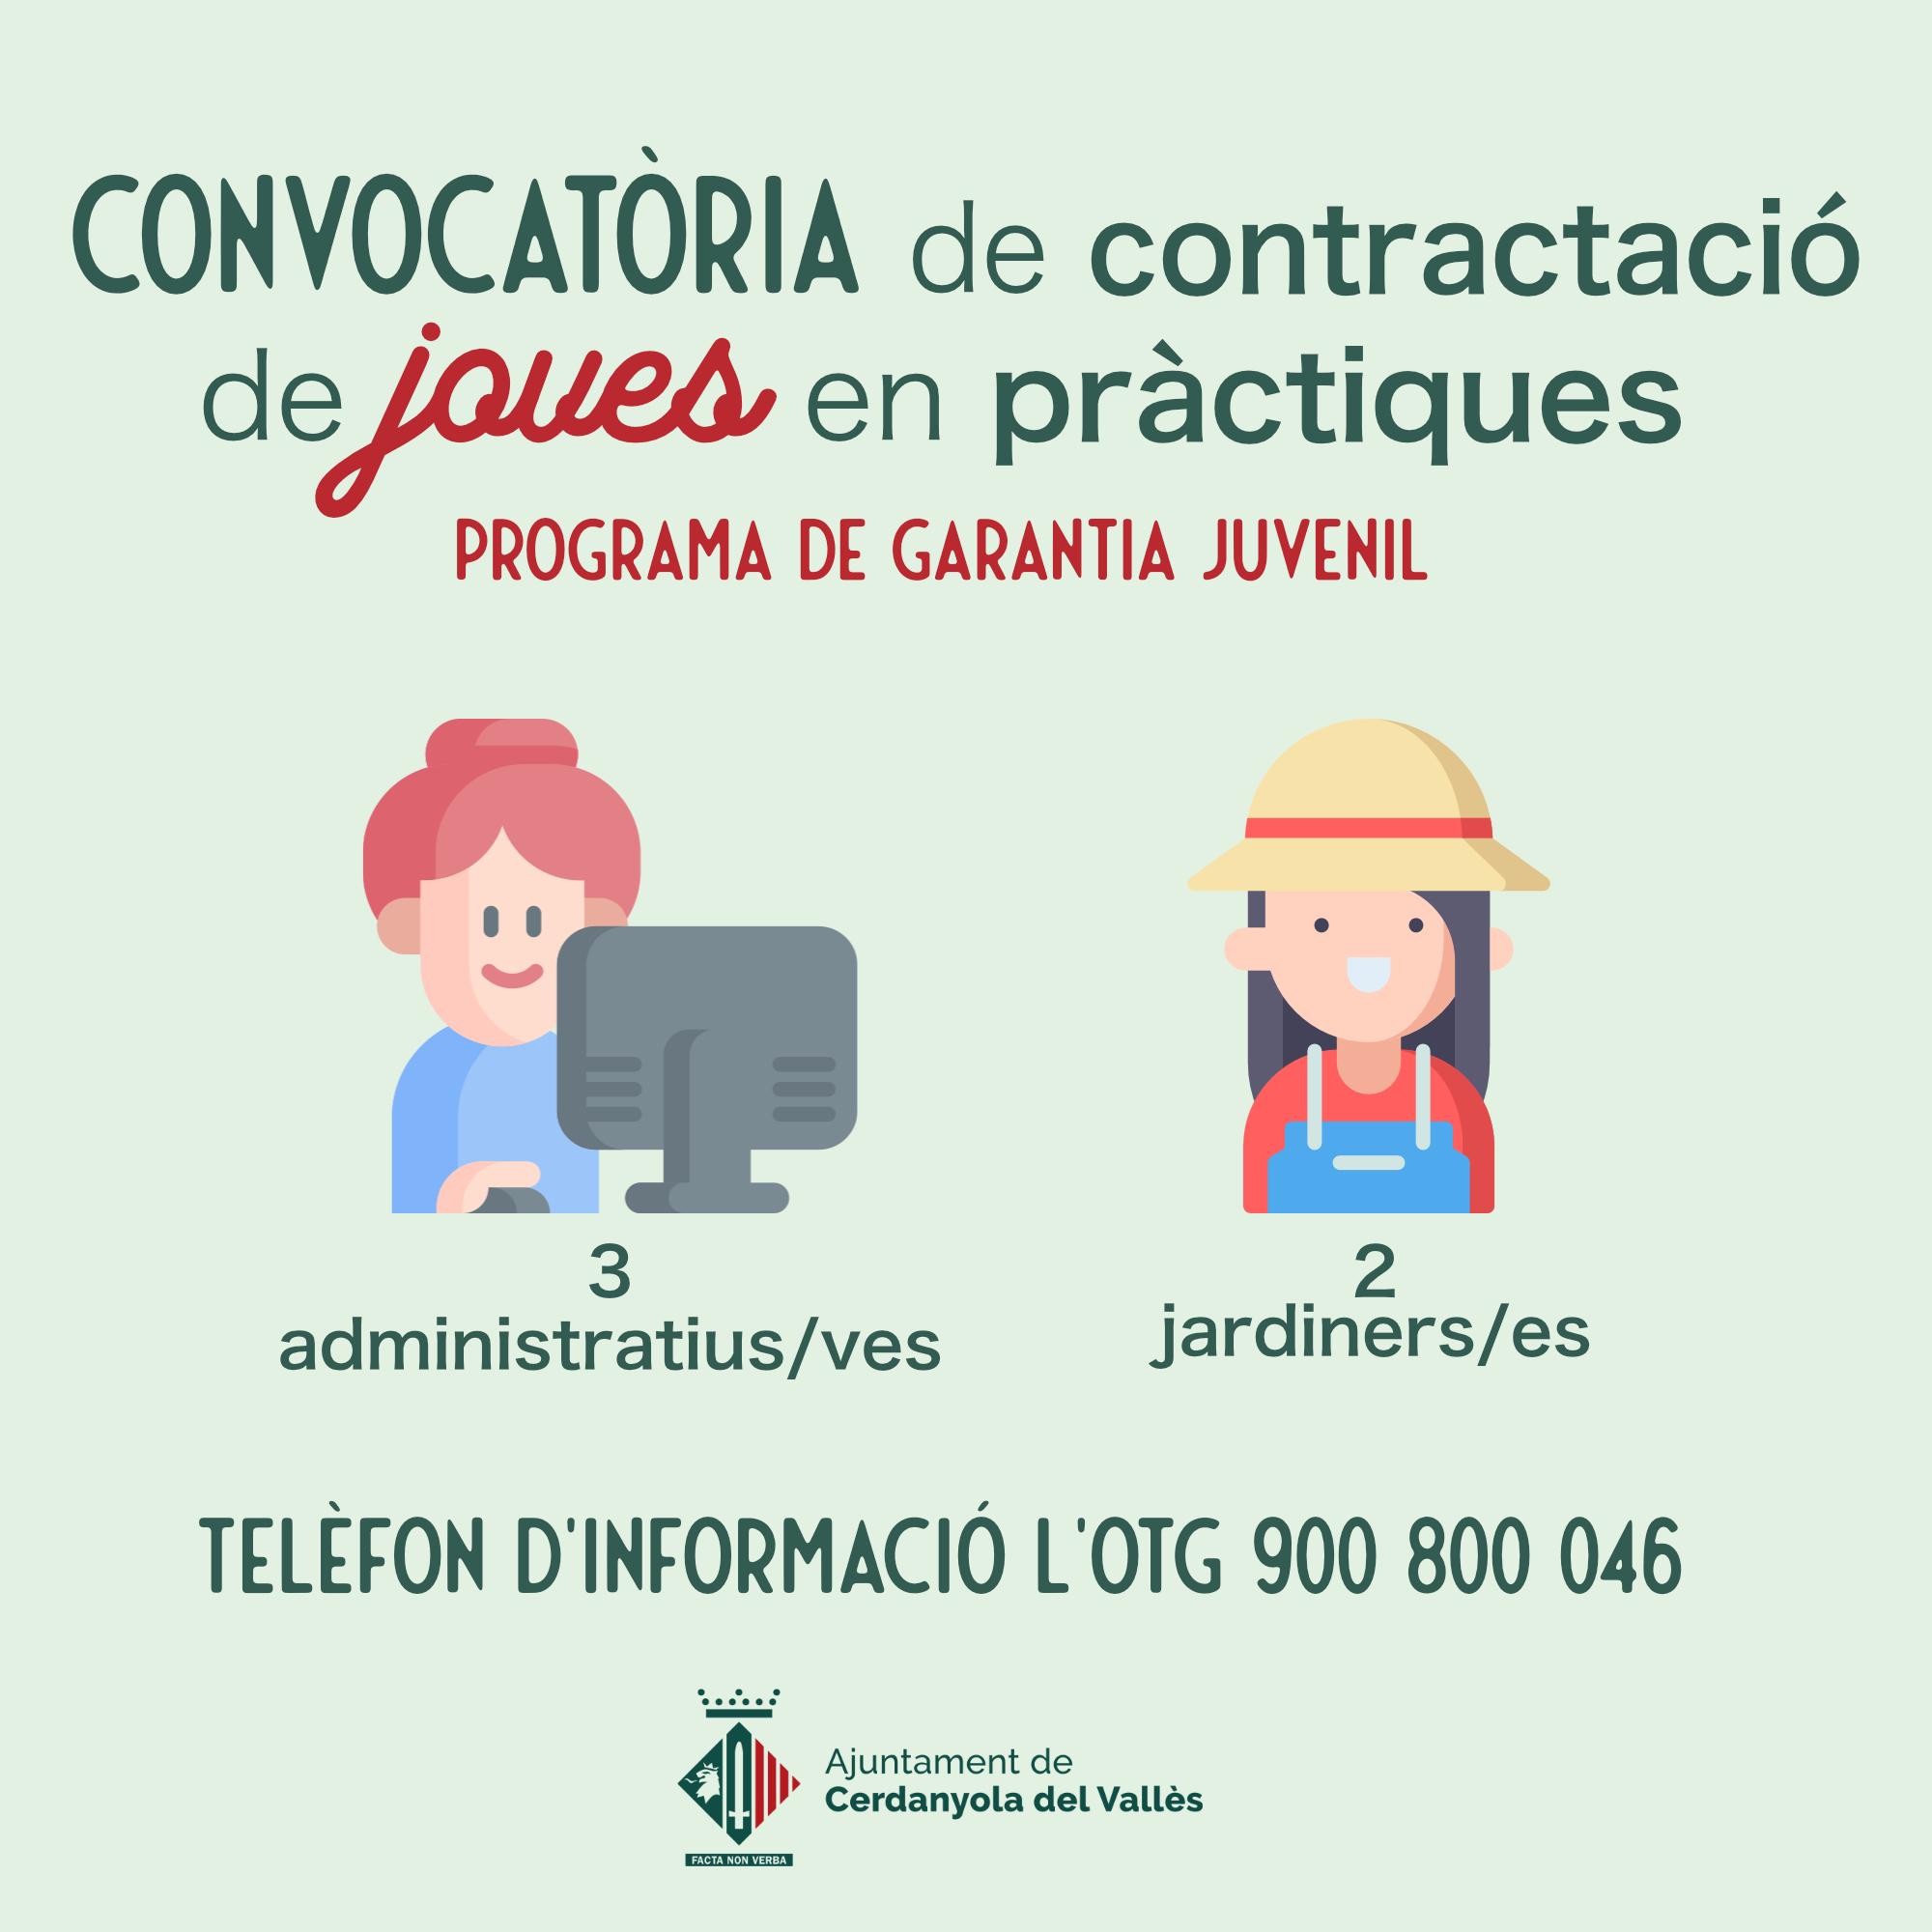 Imatge convocatòria de contractació de joves en pràctiques